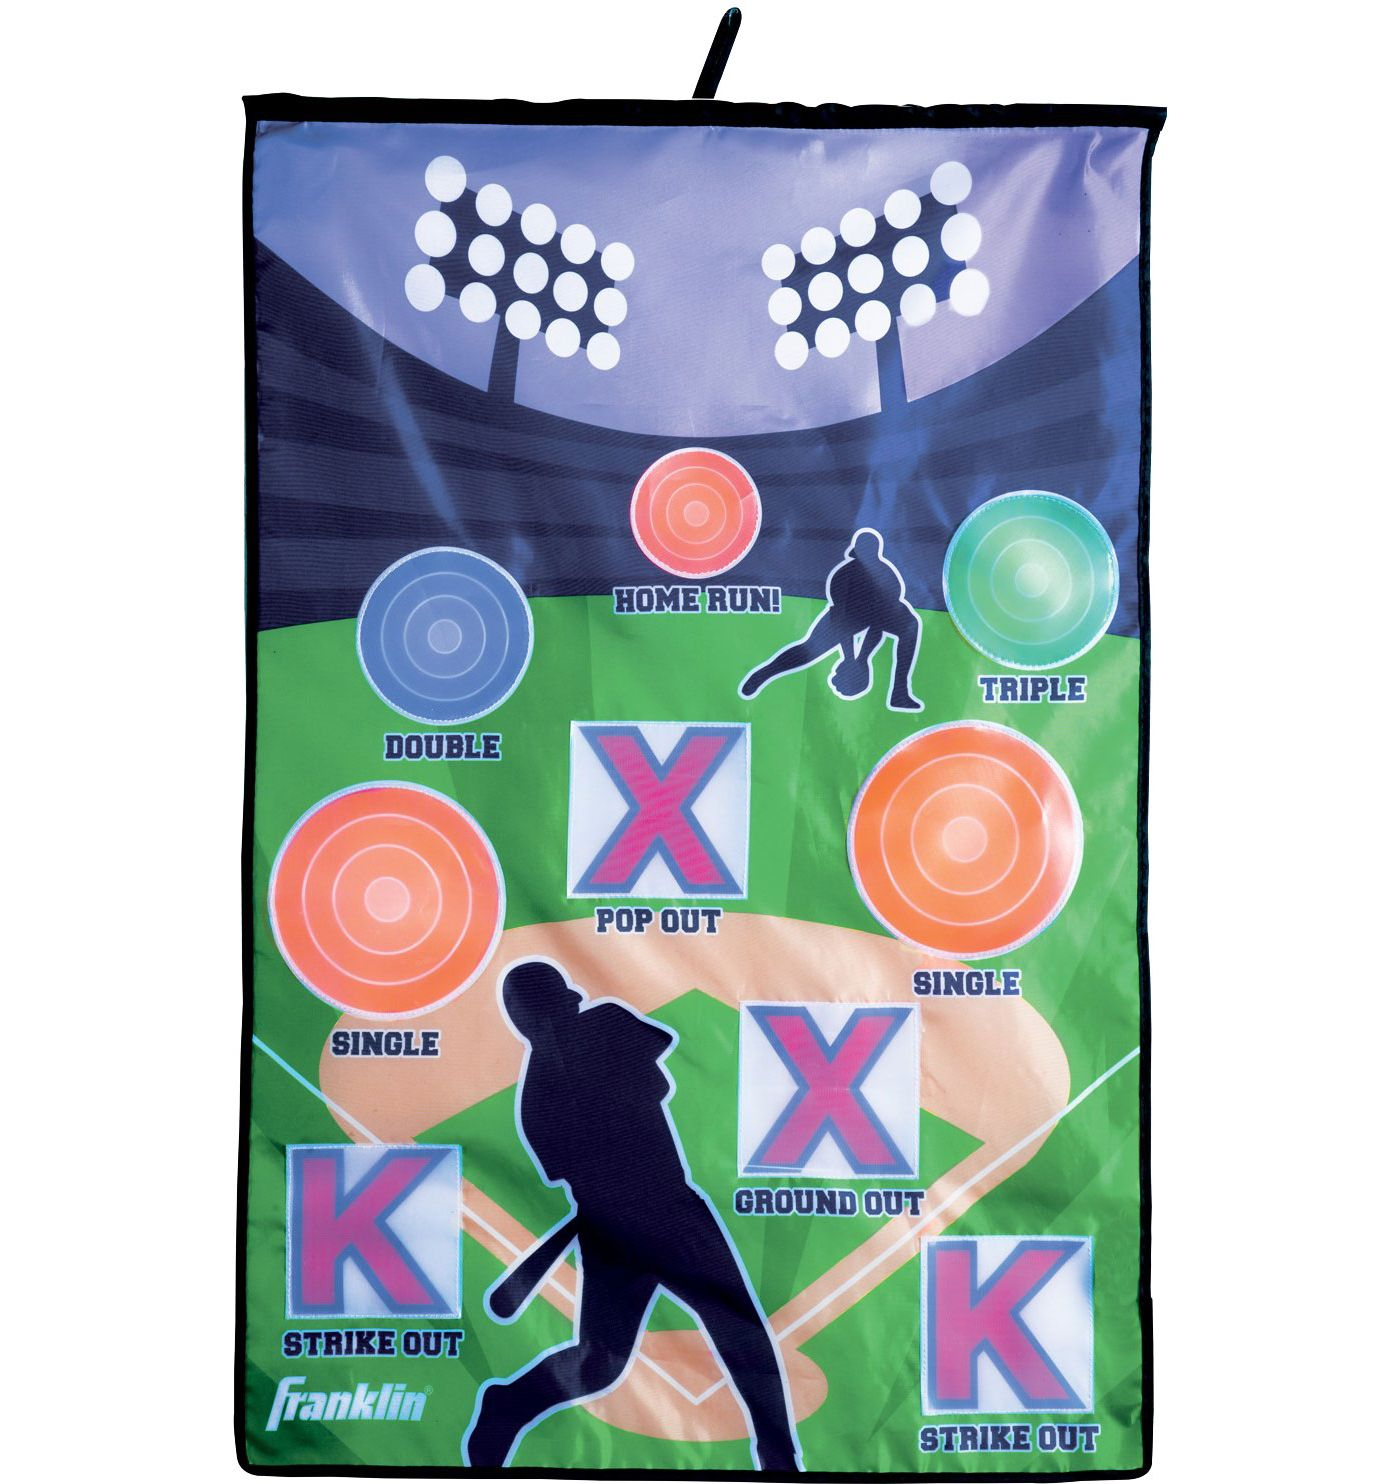 Franklin Target Indoor Pitch Baseball Game